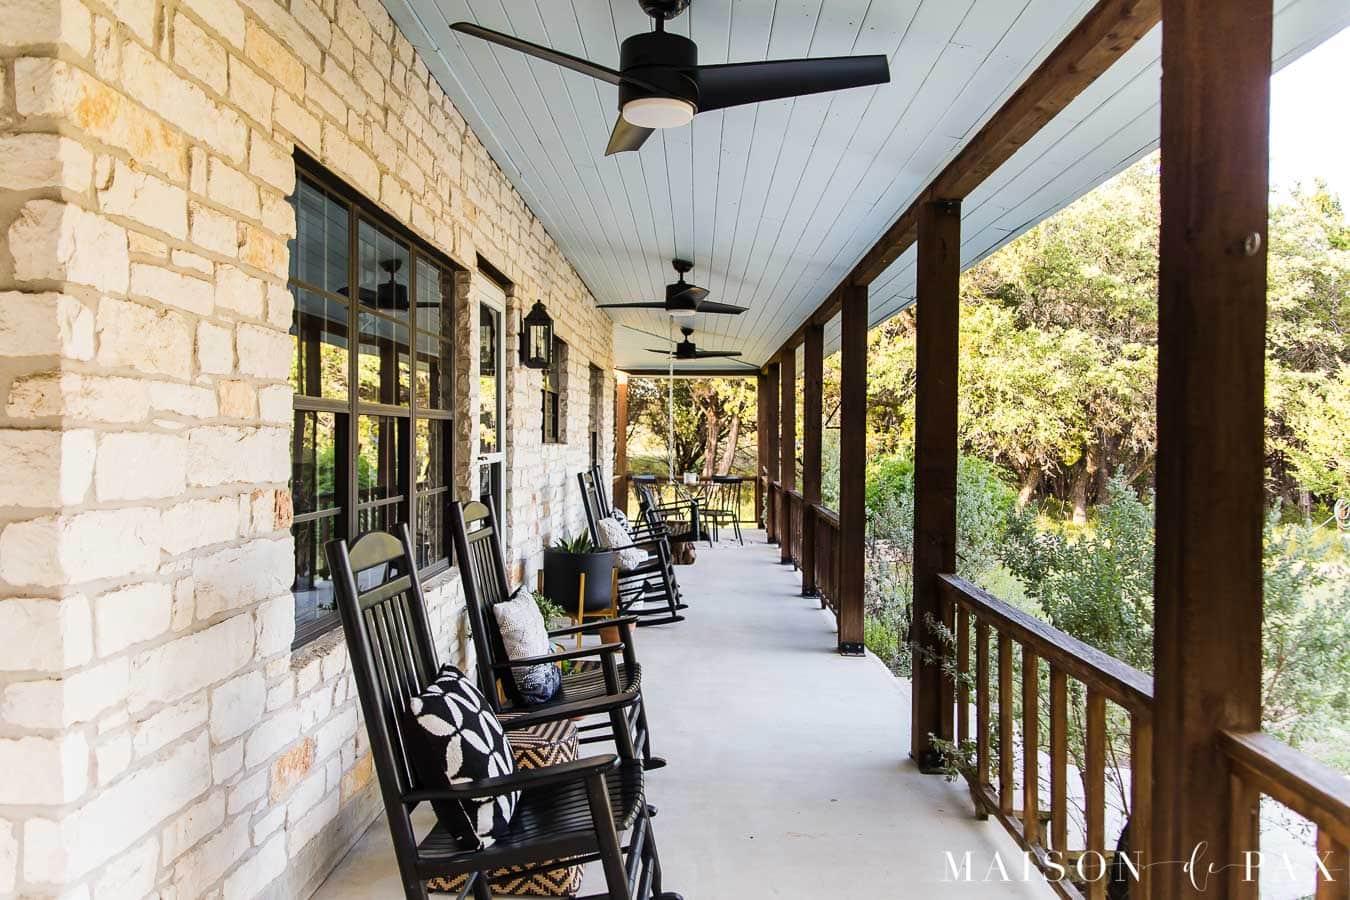 austin stone house with wrap around front porch | Maison de Pax